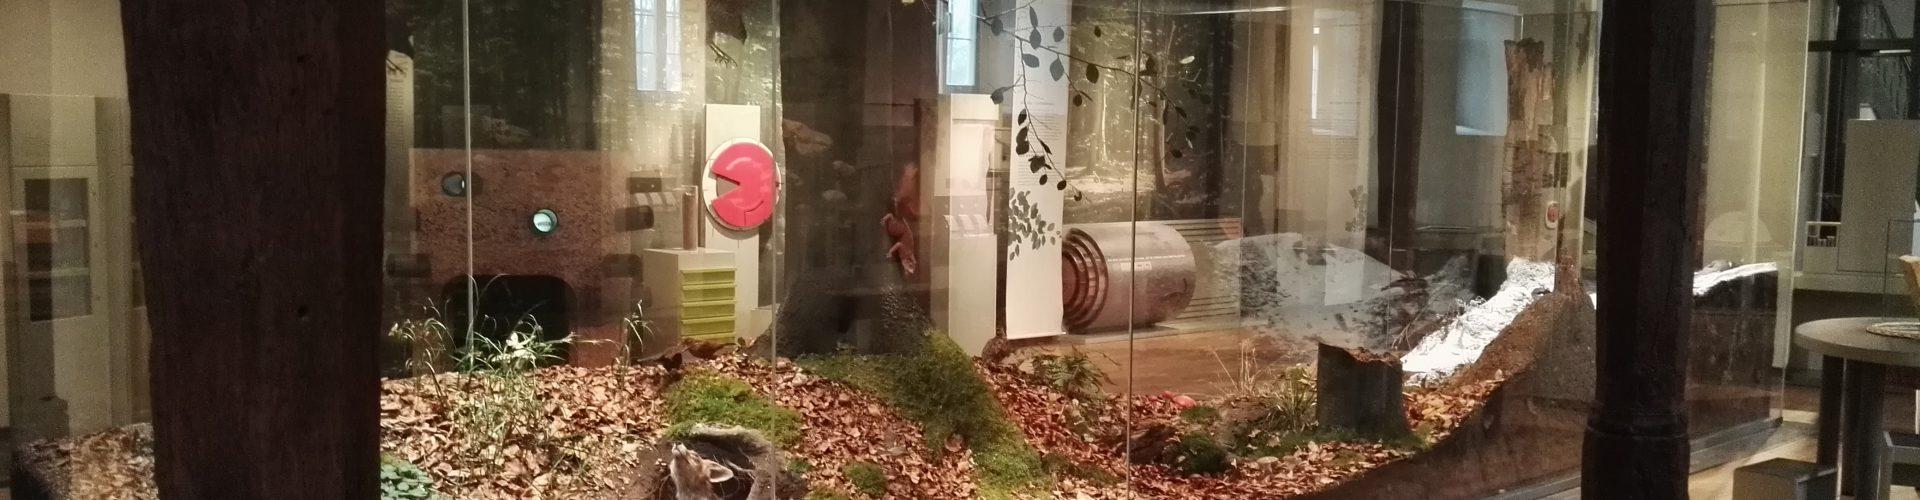 Ausstellung Biologische Vielfalt